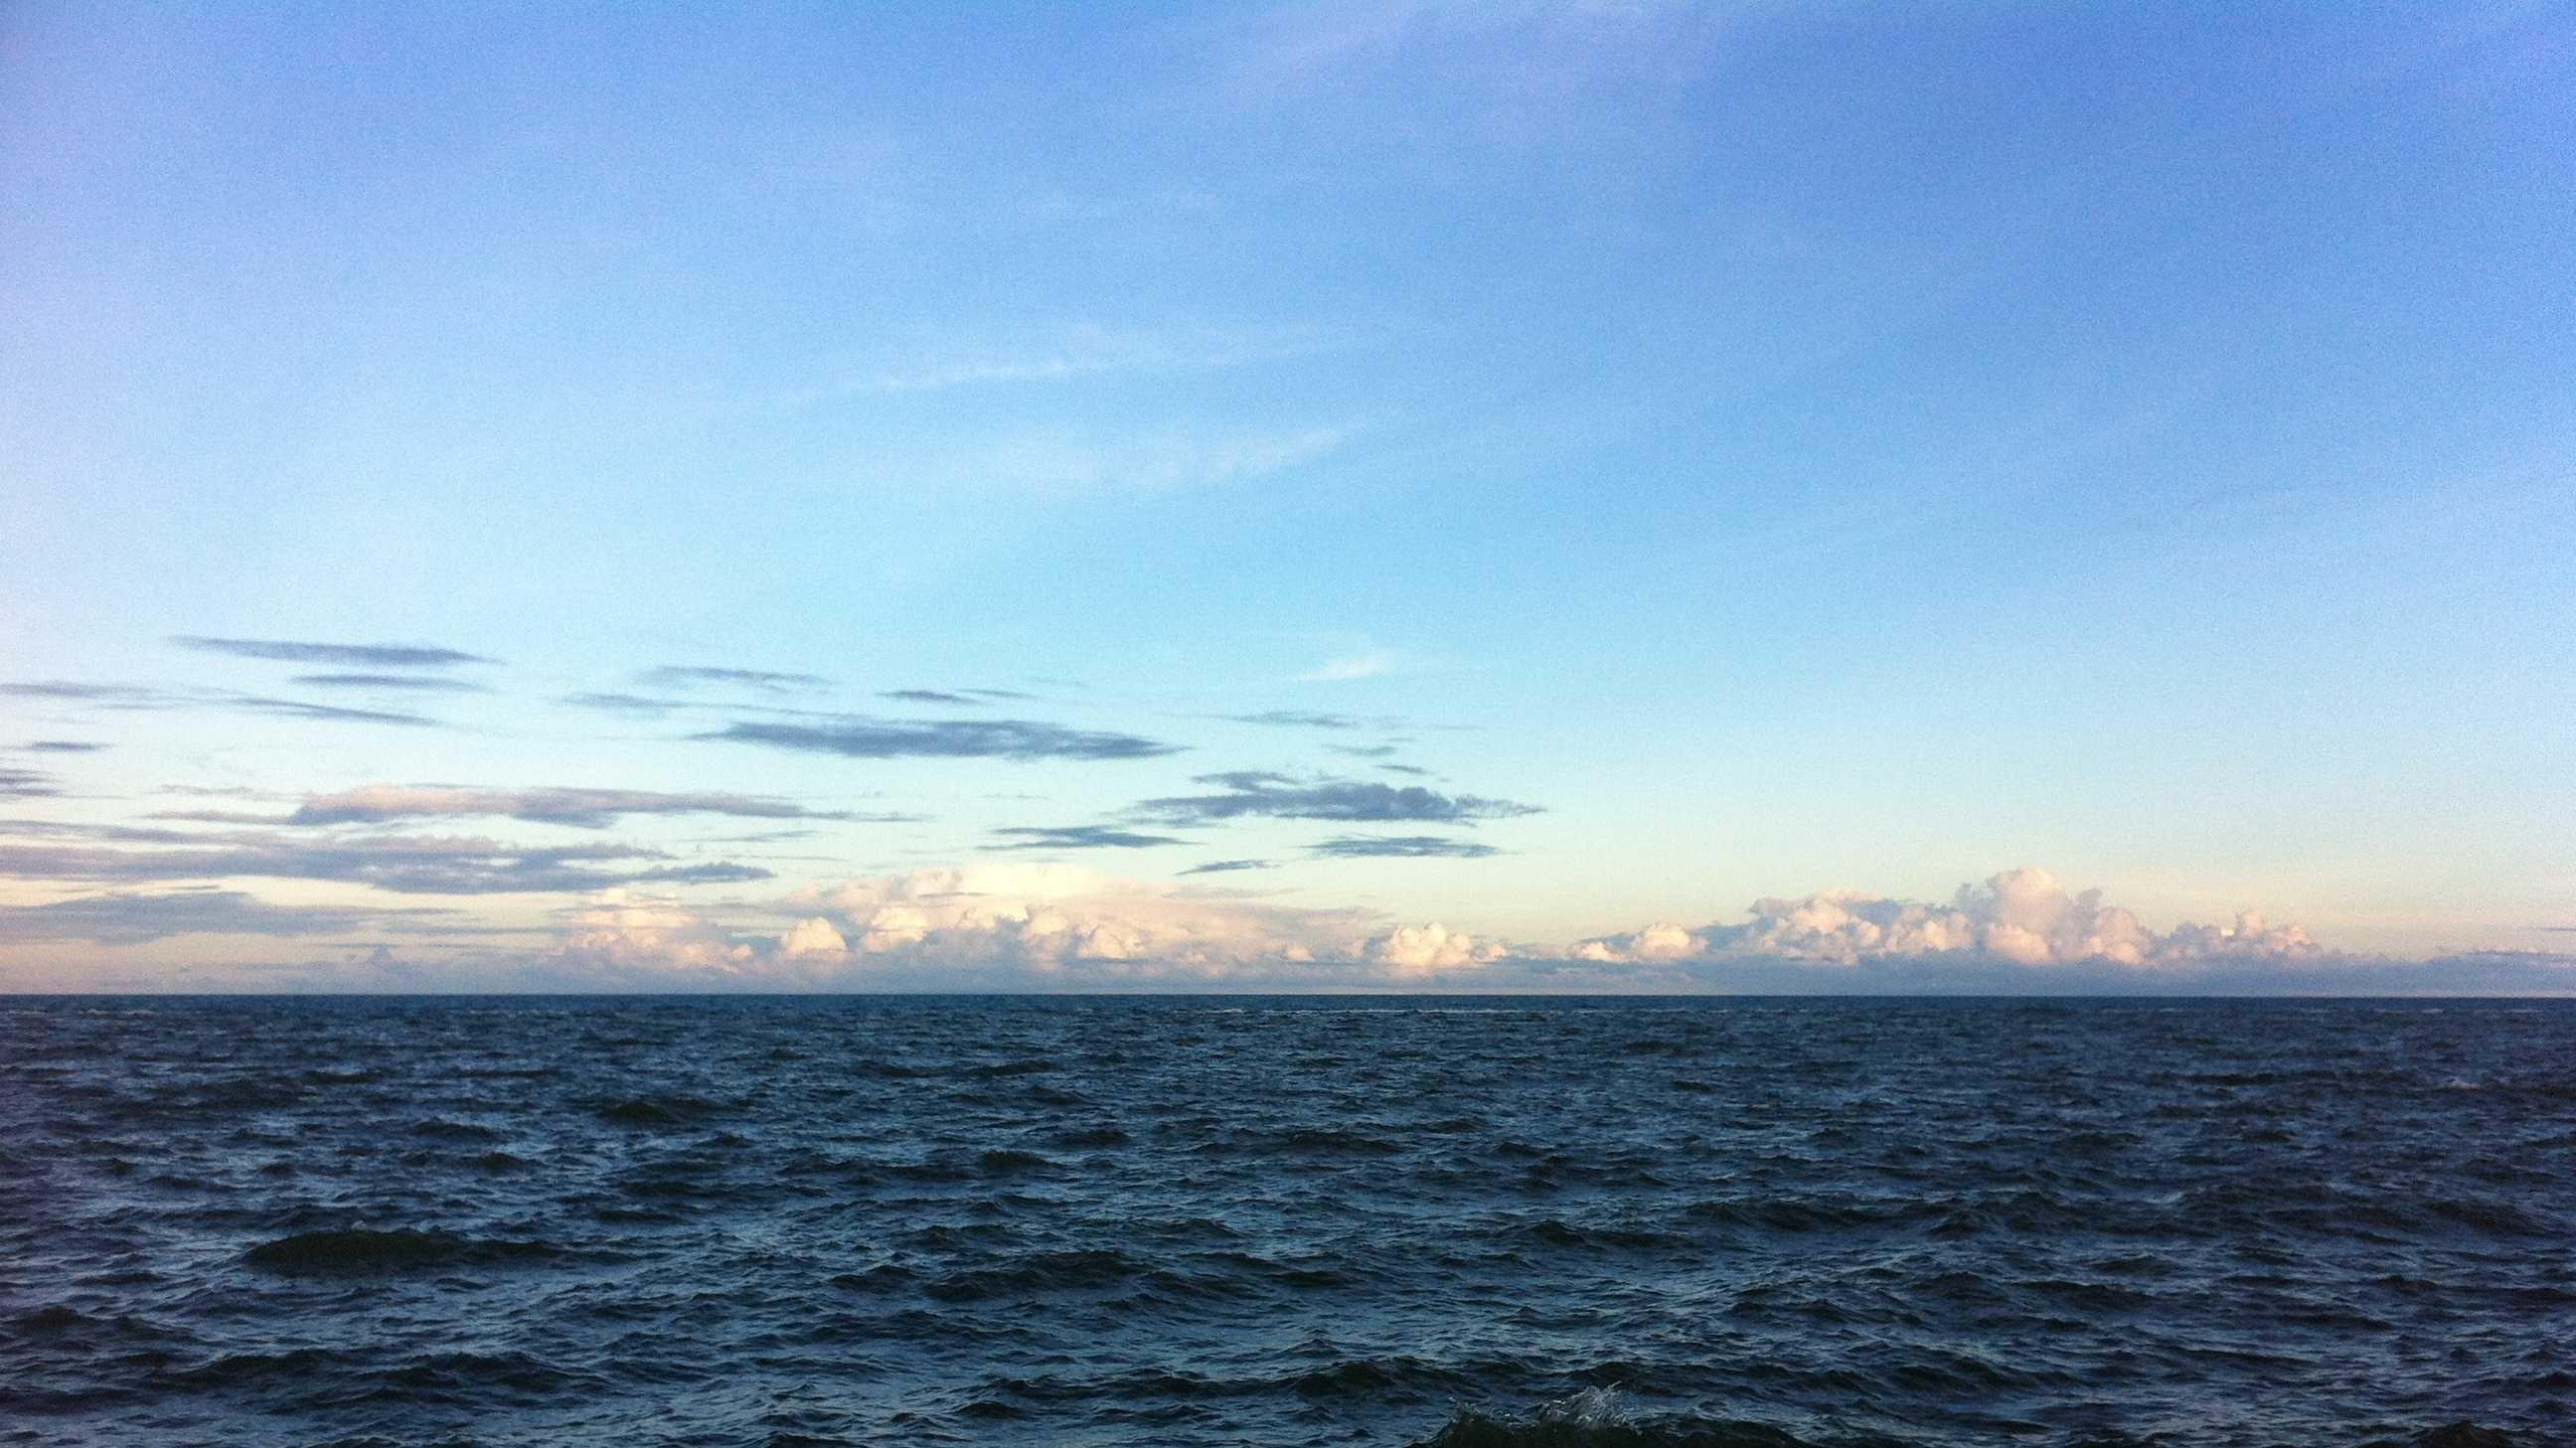 Ozean, Meer, Wasser